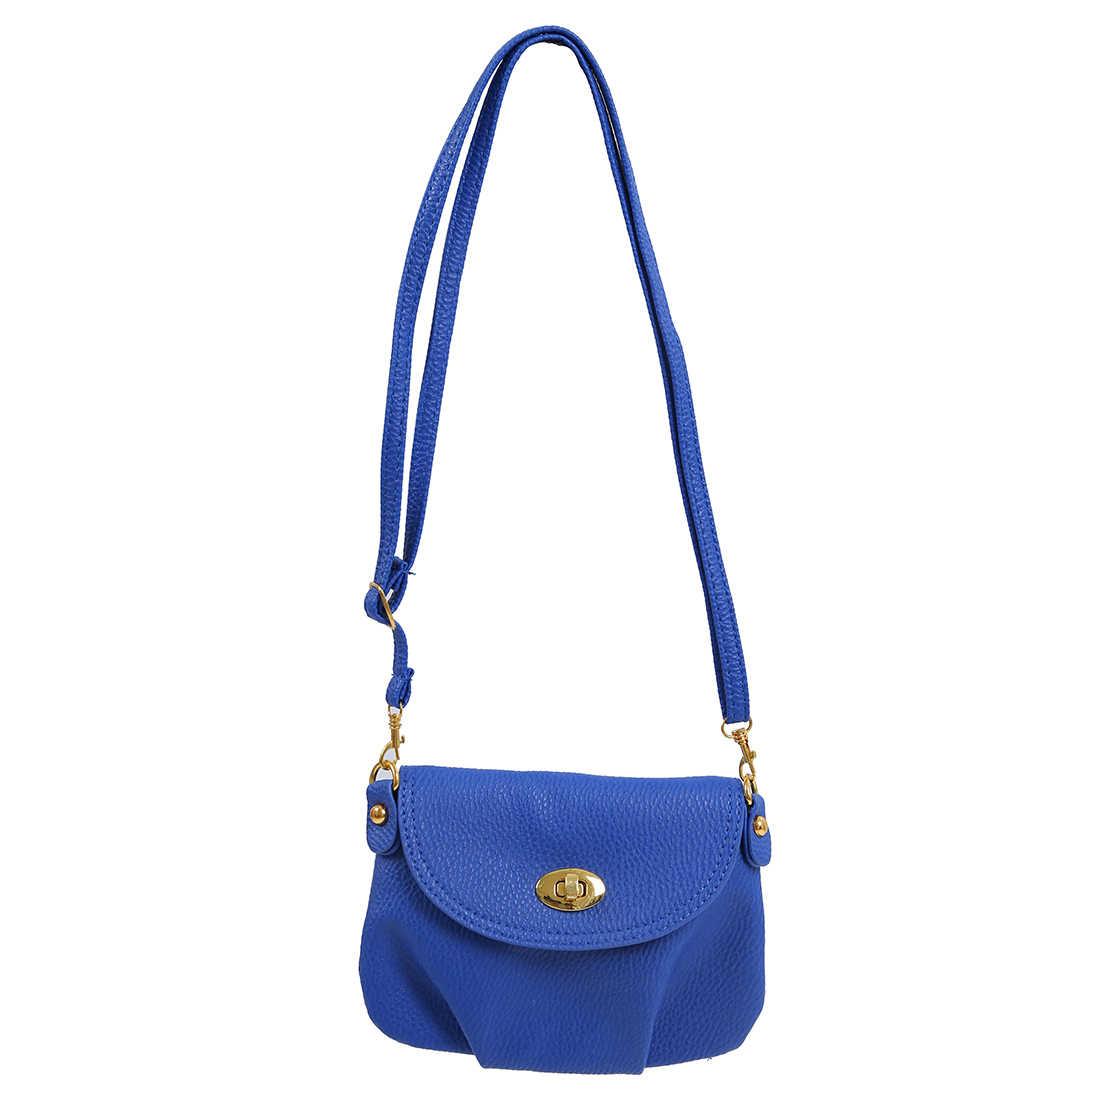 23b8d8e5be FGGS Women Messenger Cute Handbag Satchel Cross Body Purse Totes Retro  Small Shoulder Bag 11 colors